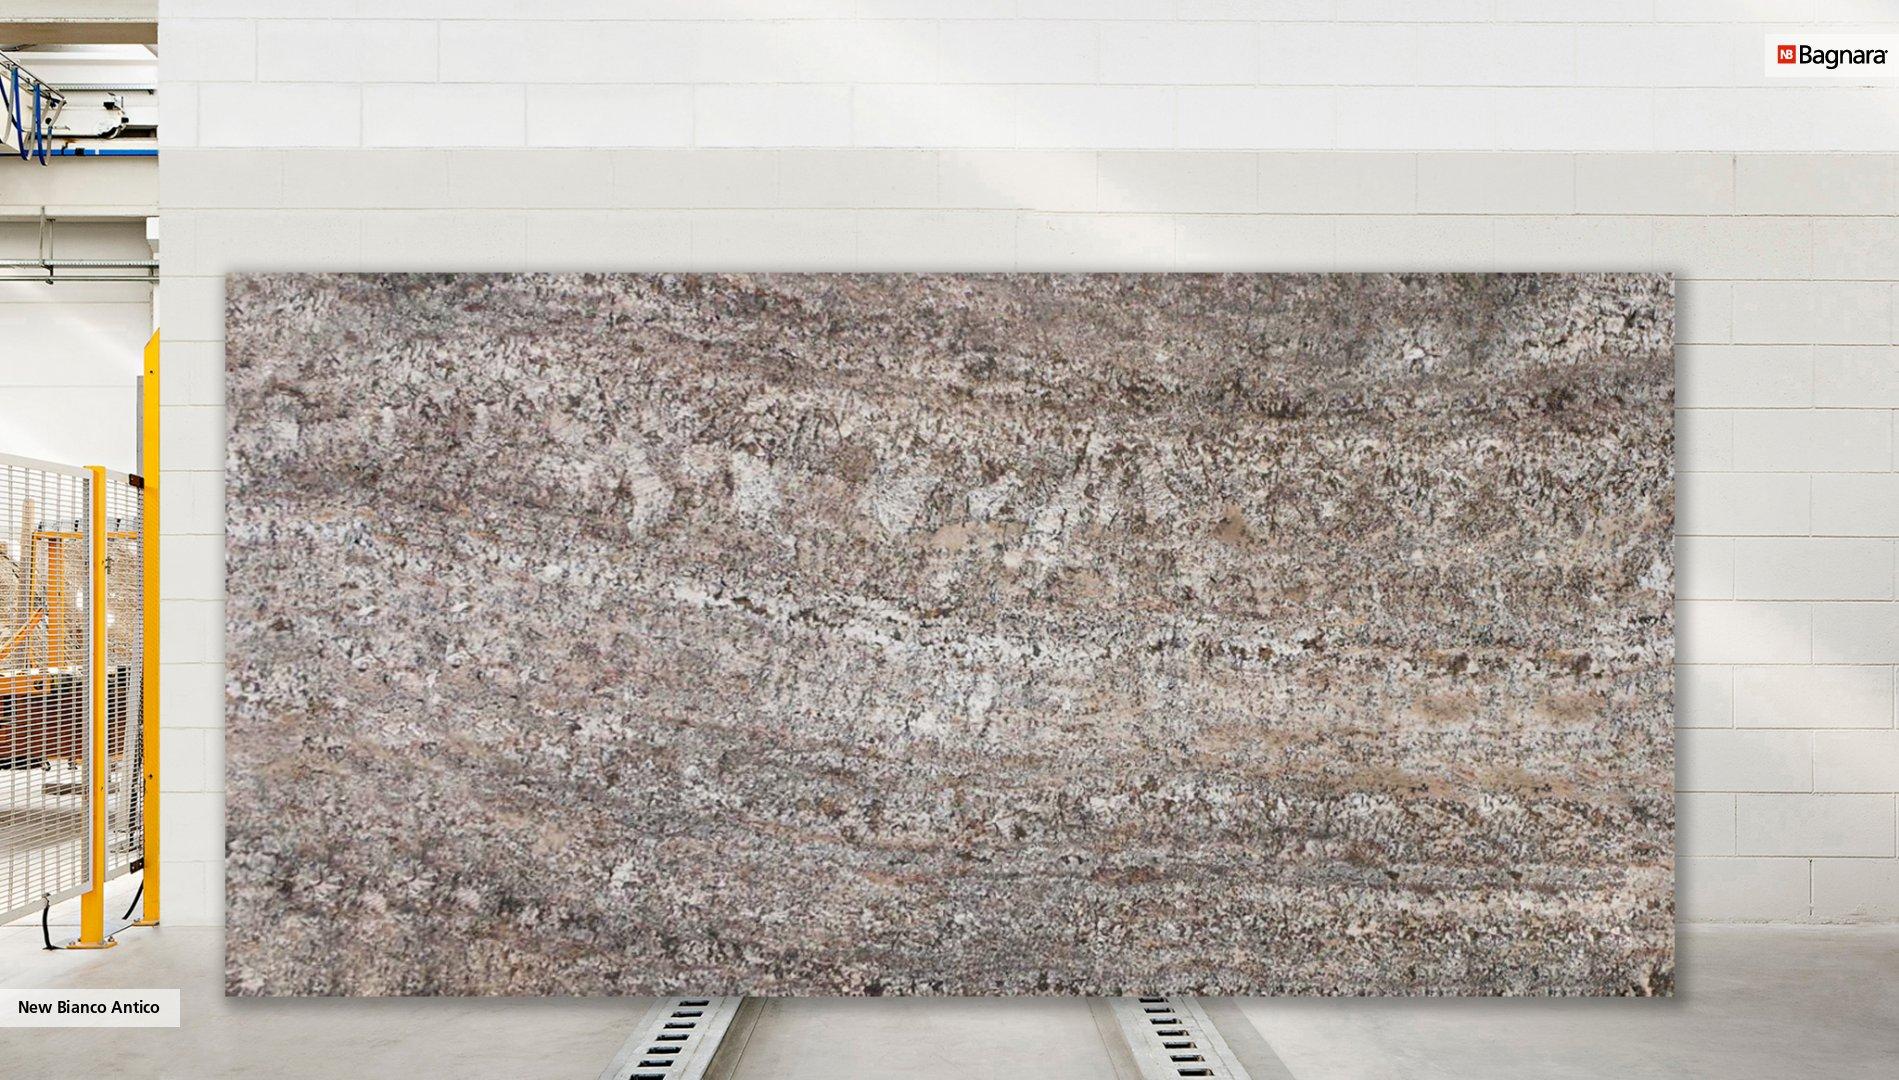 New Bianco Antico Material Catalog Bagnara